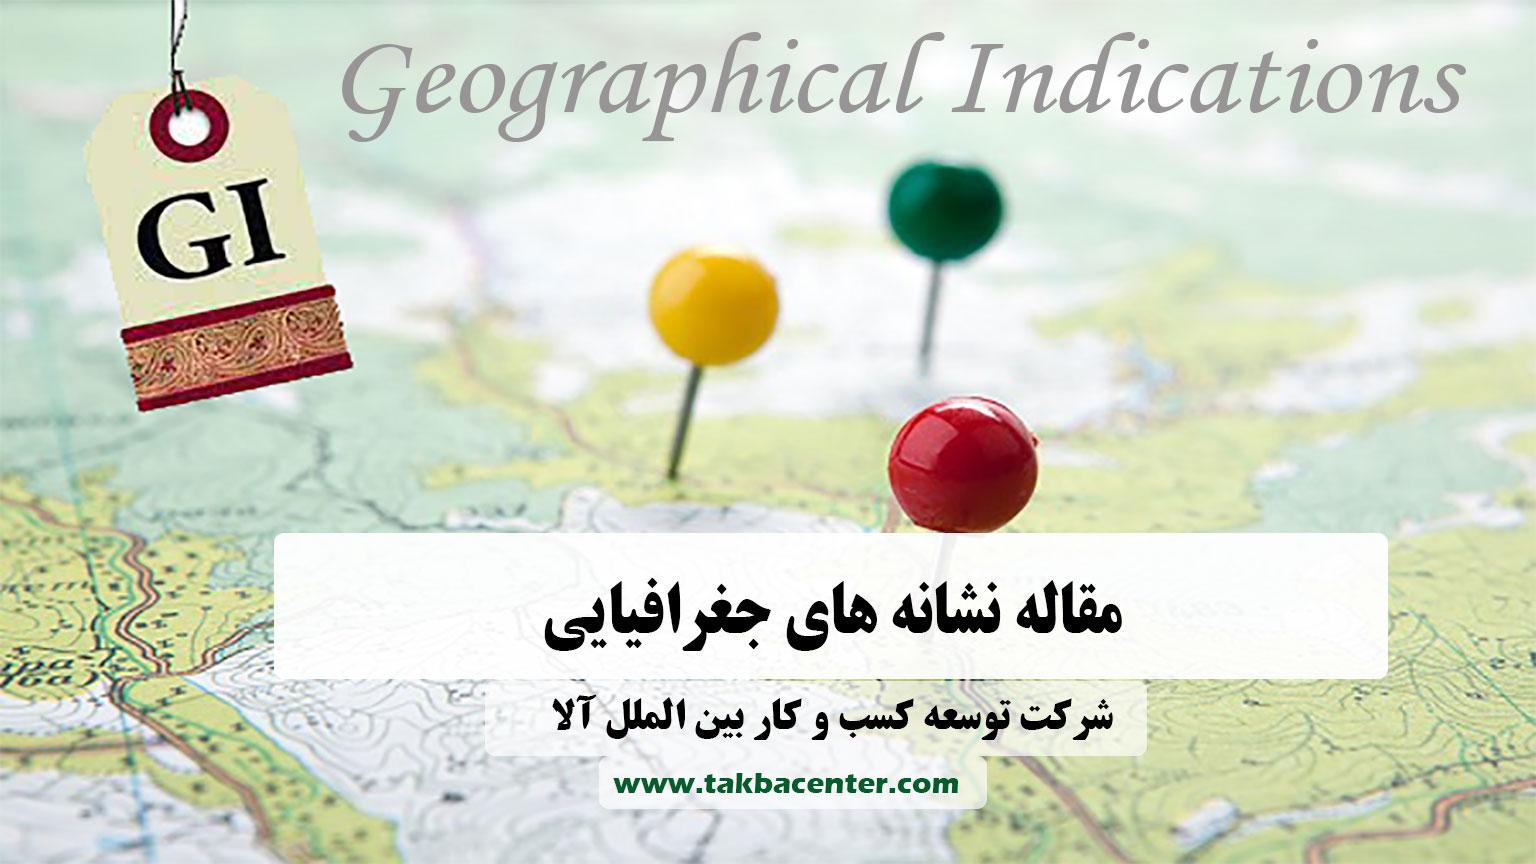 نشانه های جغرافیایی